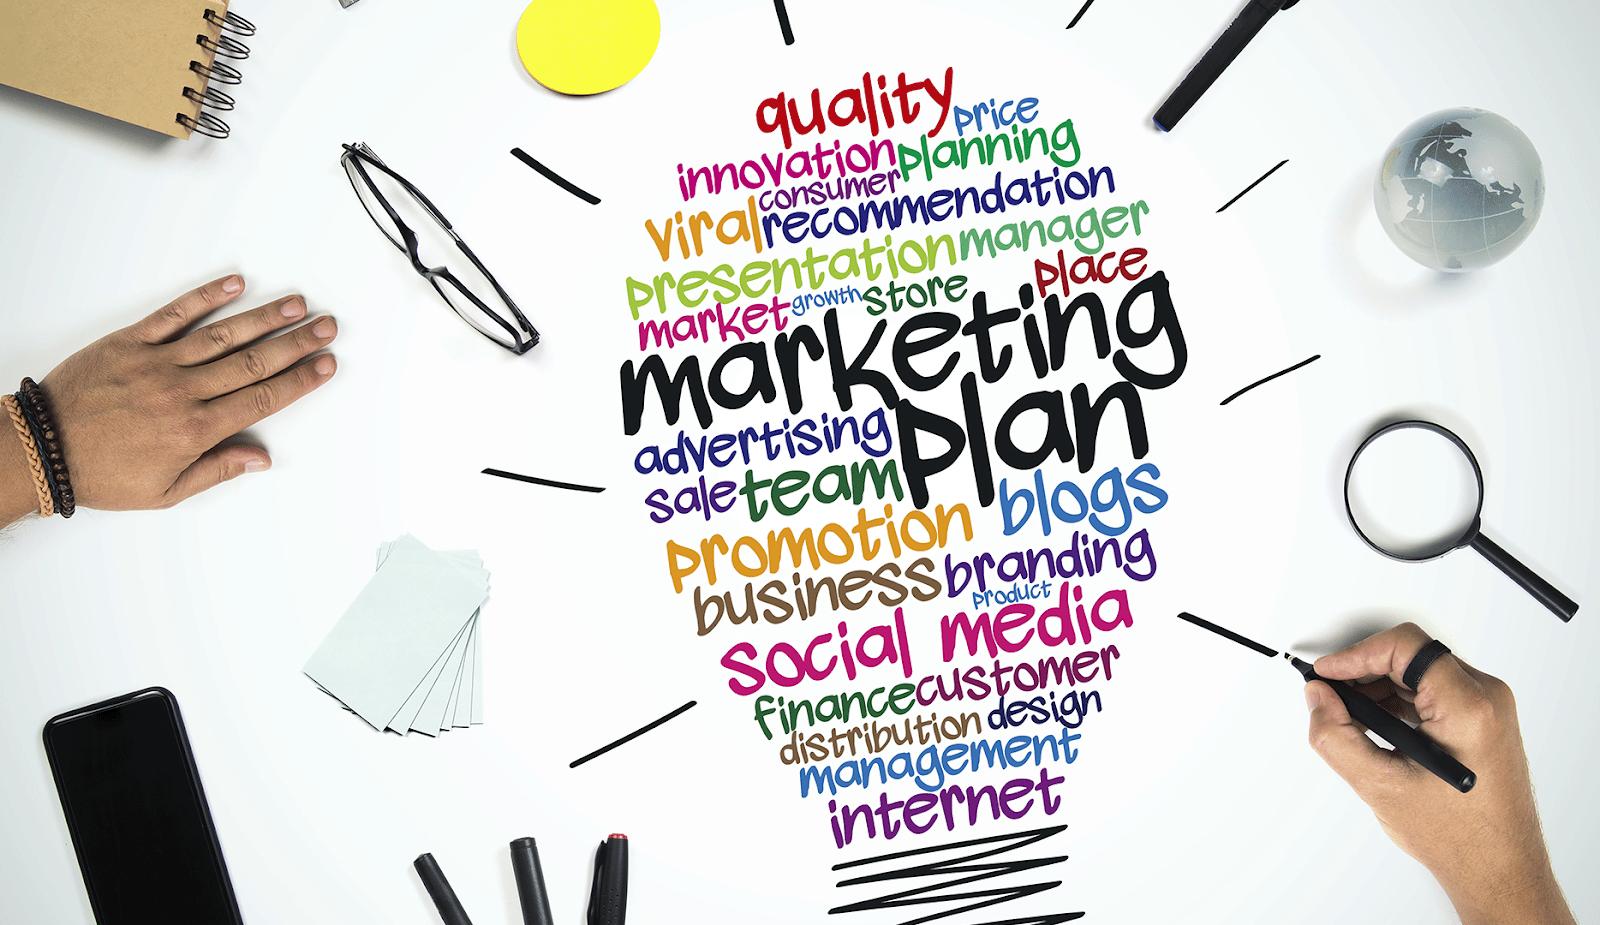 Trên lý thuyết mỗi công ty vận hành và kinh doanh tại các lĩnh vực khác hành động kế hoạch truyền thông riêng biệt nhằm đem đến đạt kết quả tốt. Tuy vậy trên thực tế một mẫu chiến lược cần chứa các nội dung sau đây: